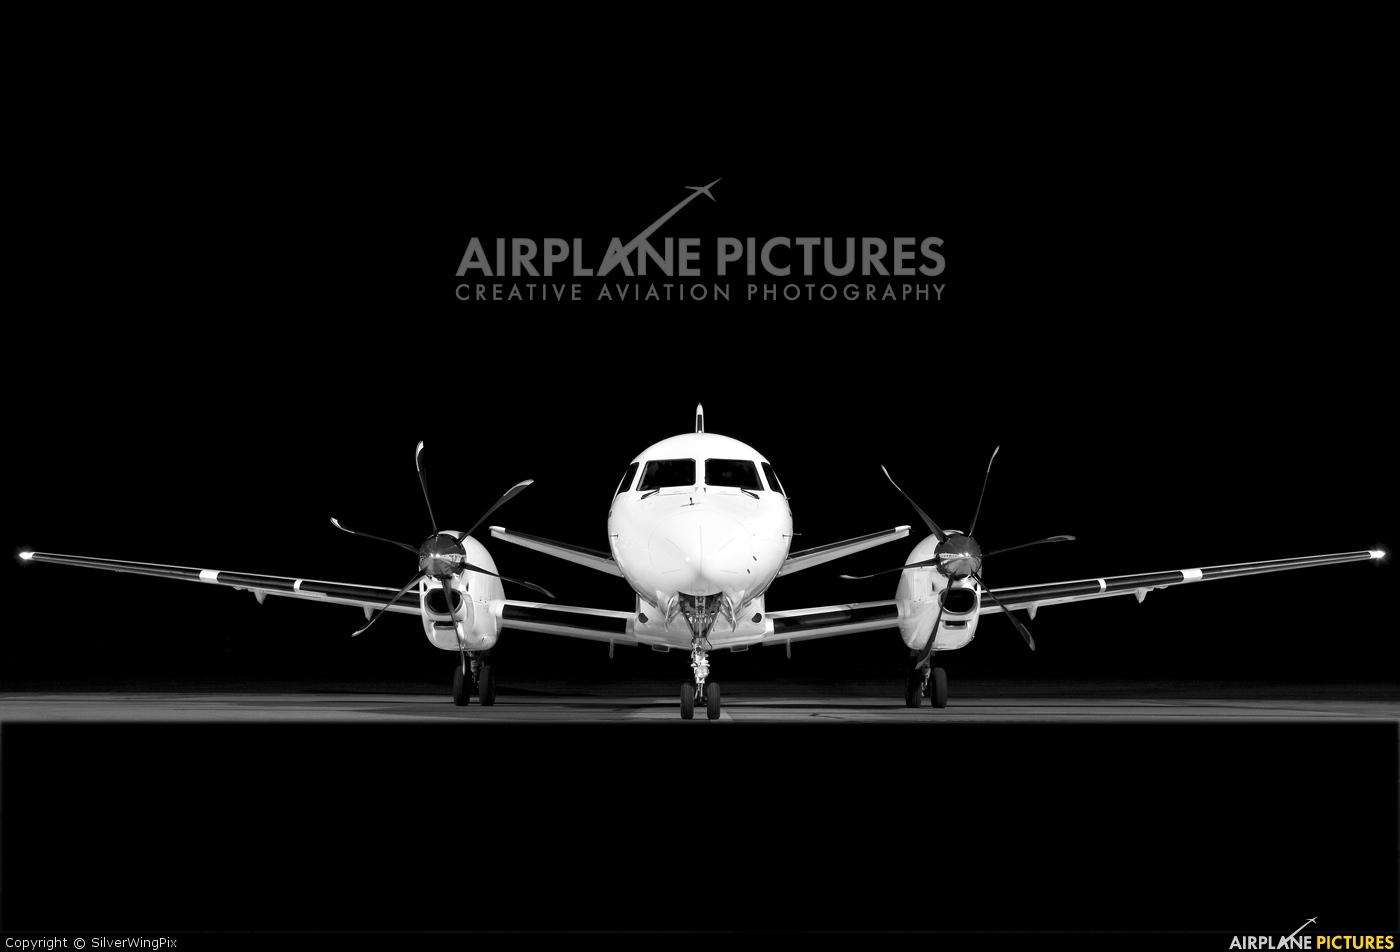 SAAB Aircraft Company SE-LRA aircraft at Undisclosed location